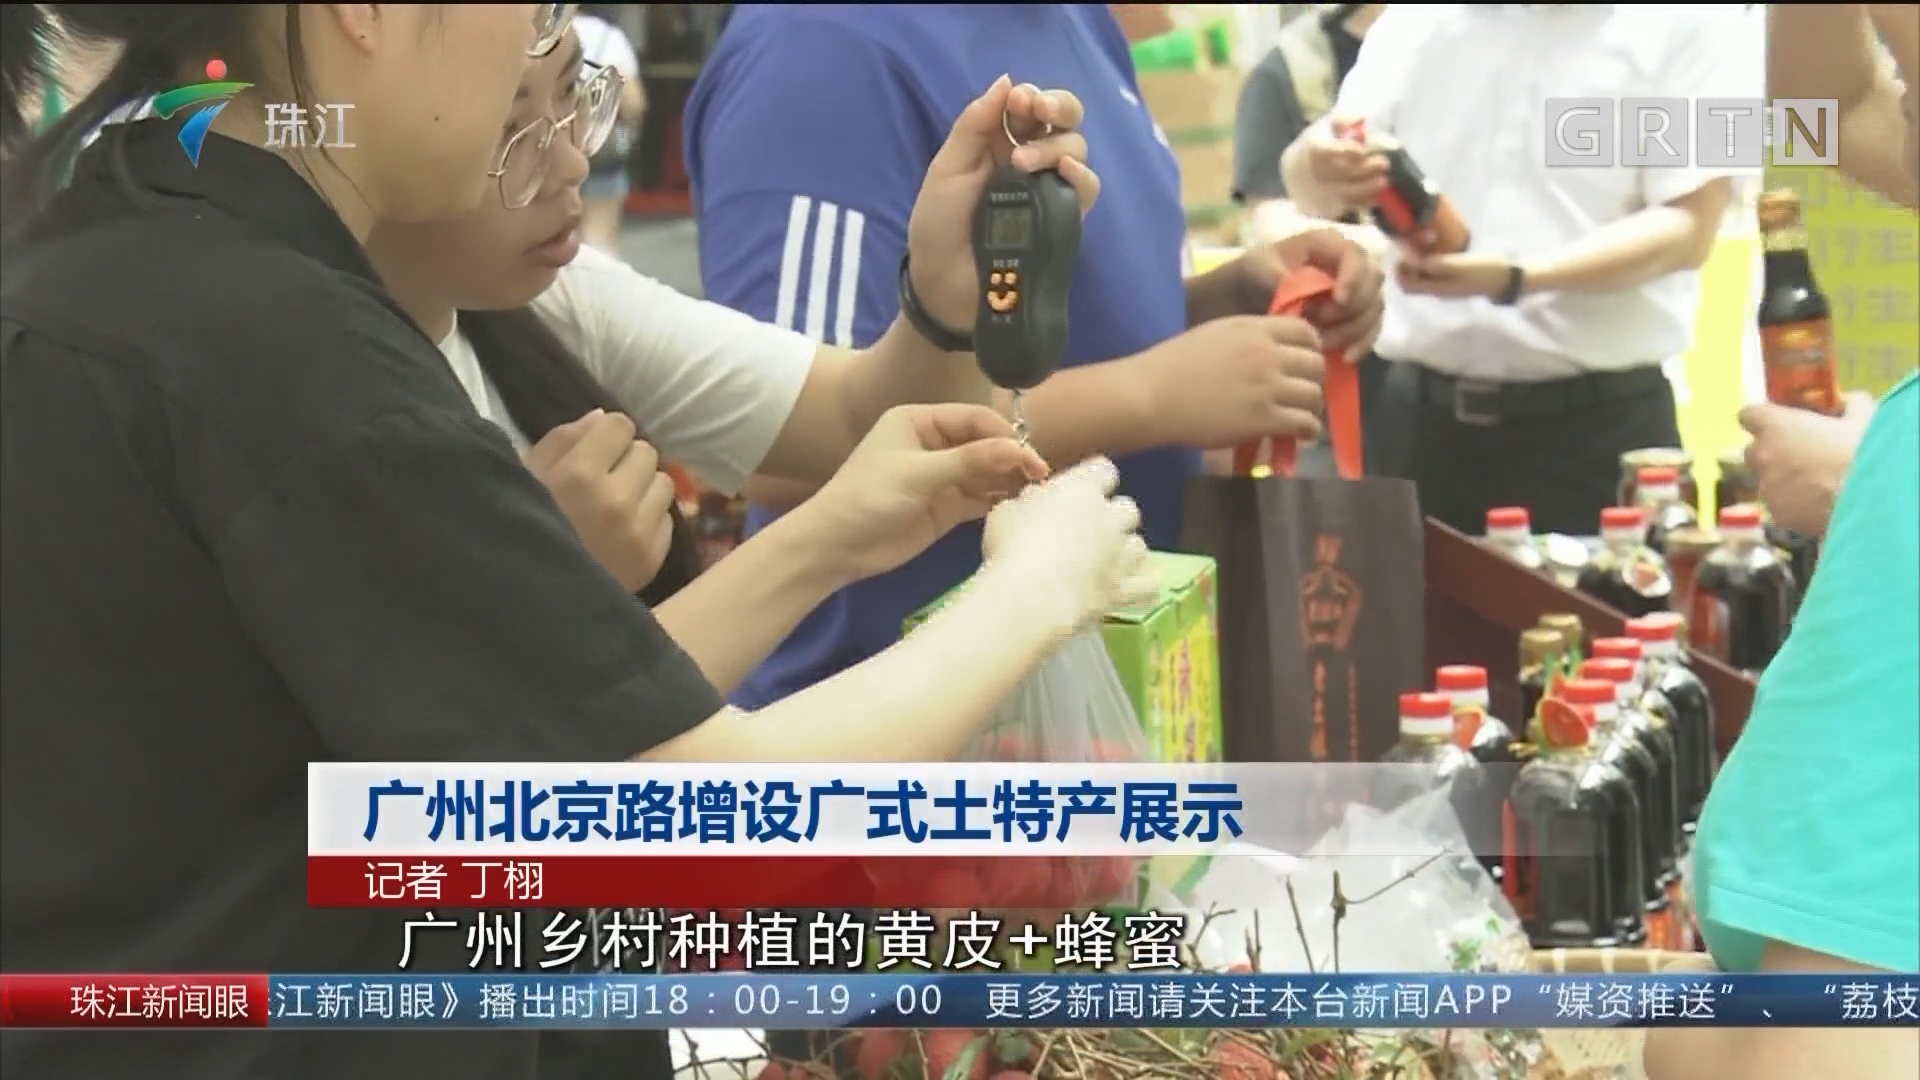 广州北京路增设广式土特产展示